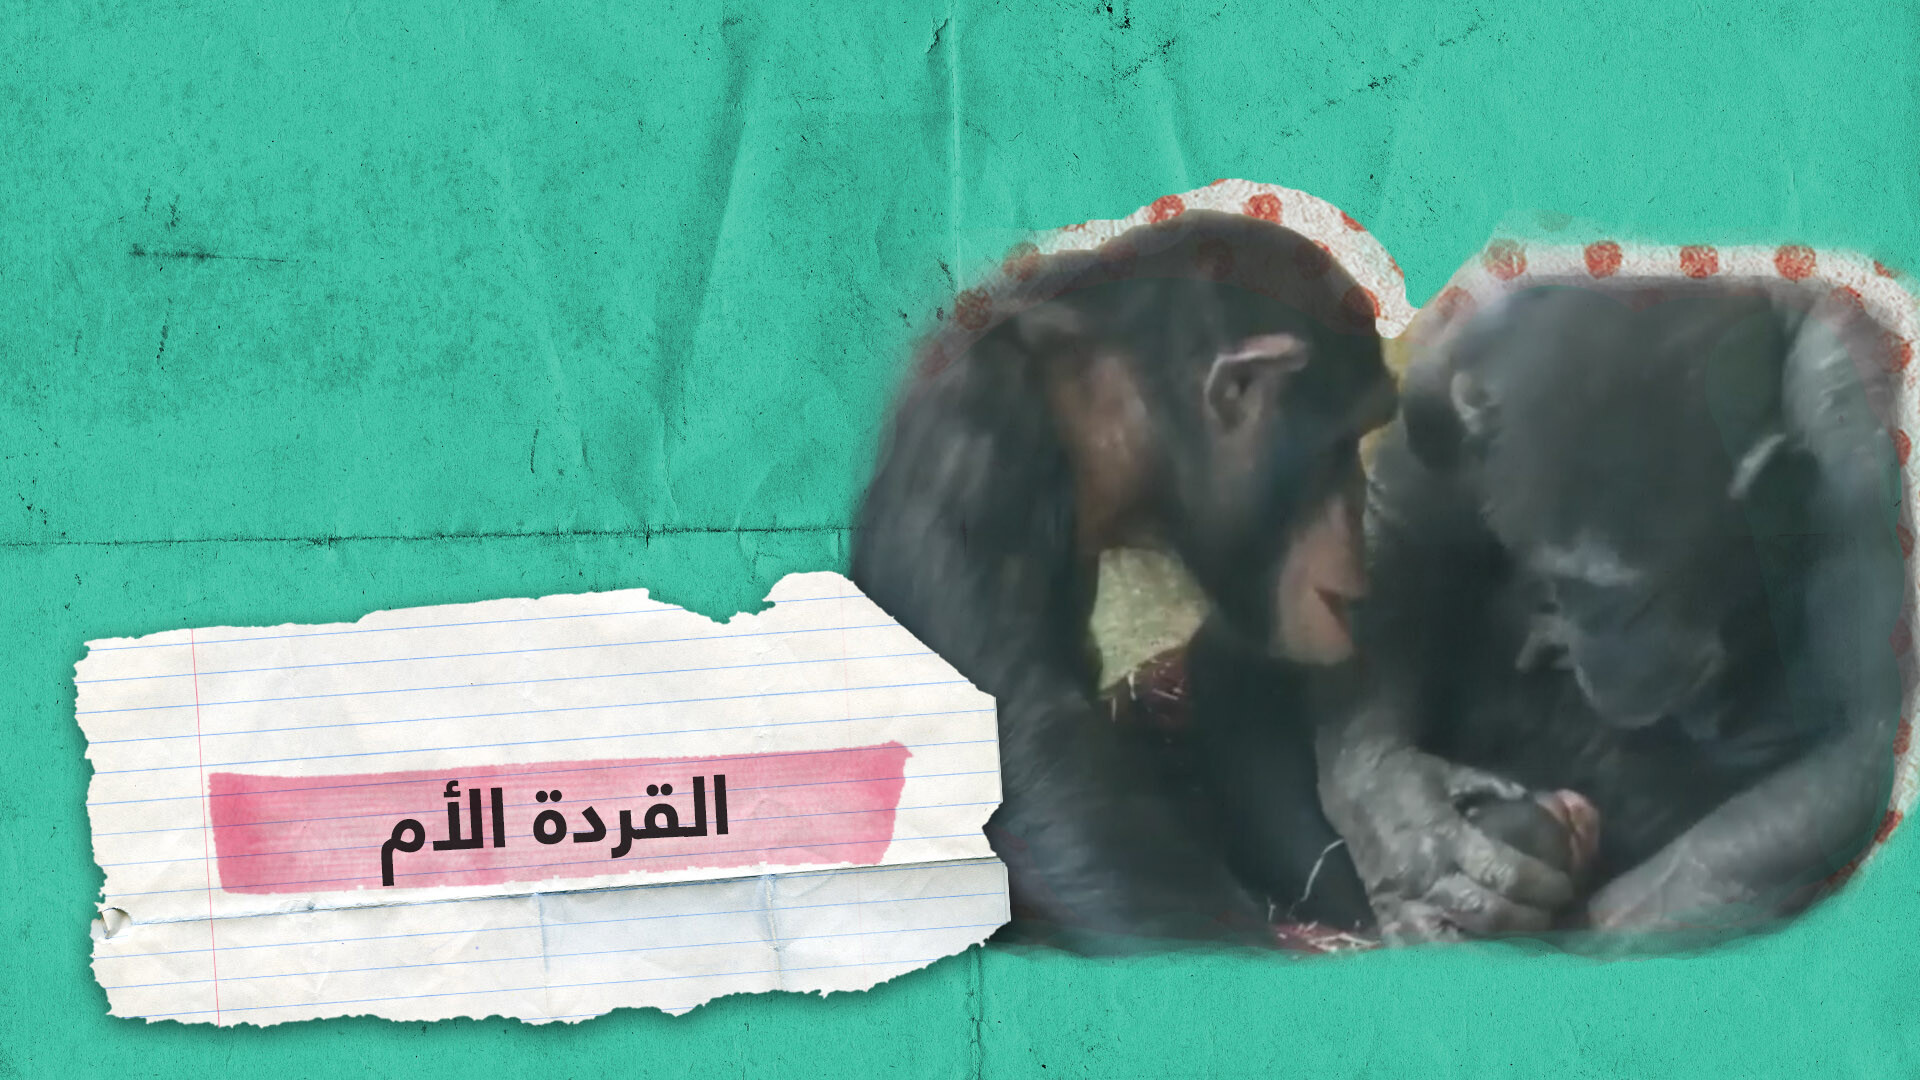 قردة تقبل وتعانق طفلها الجديد تماما مثل البشر